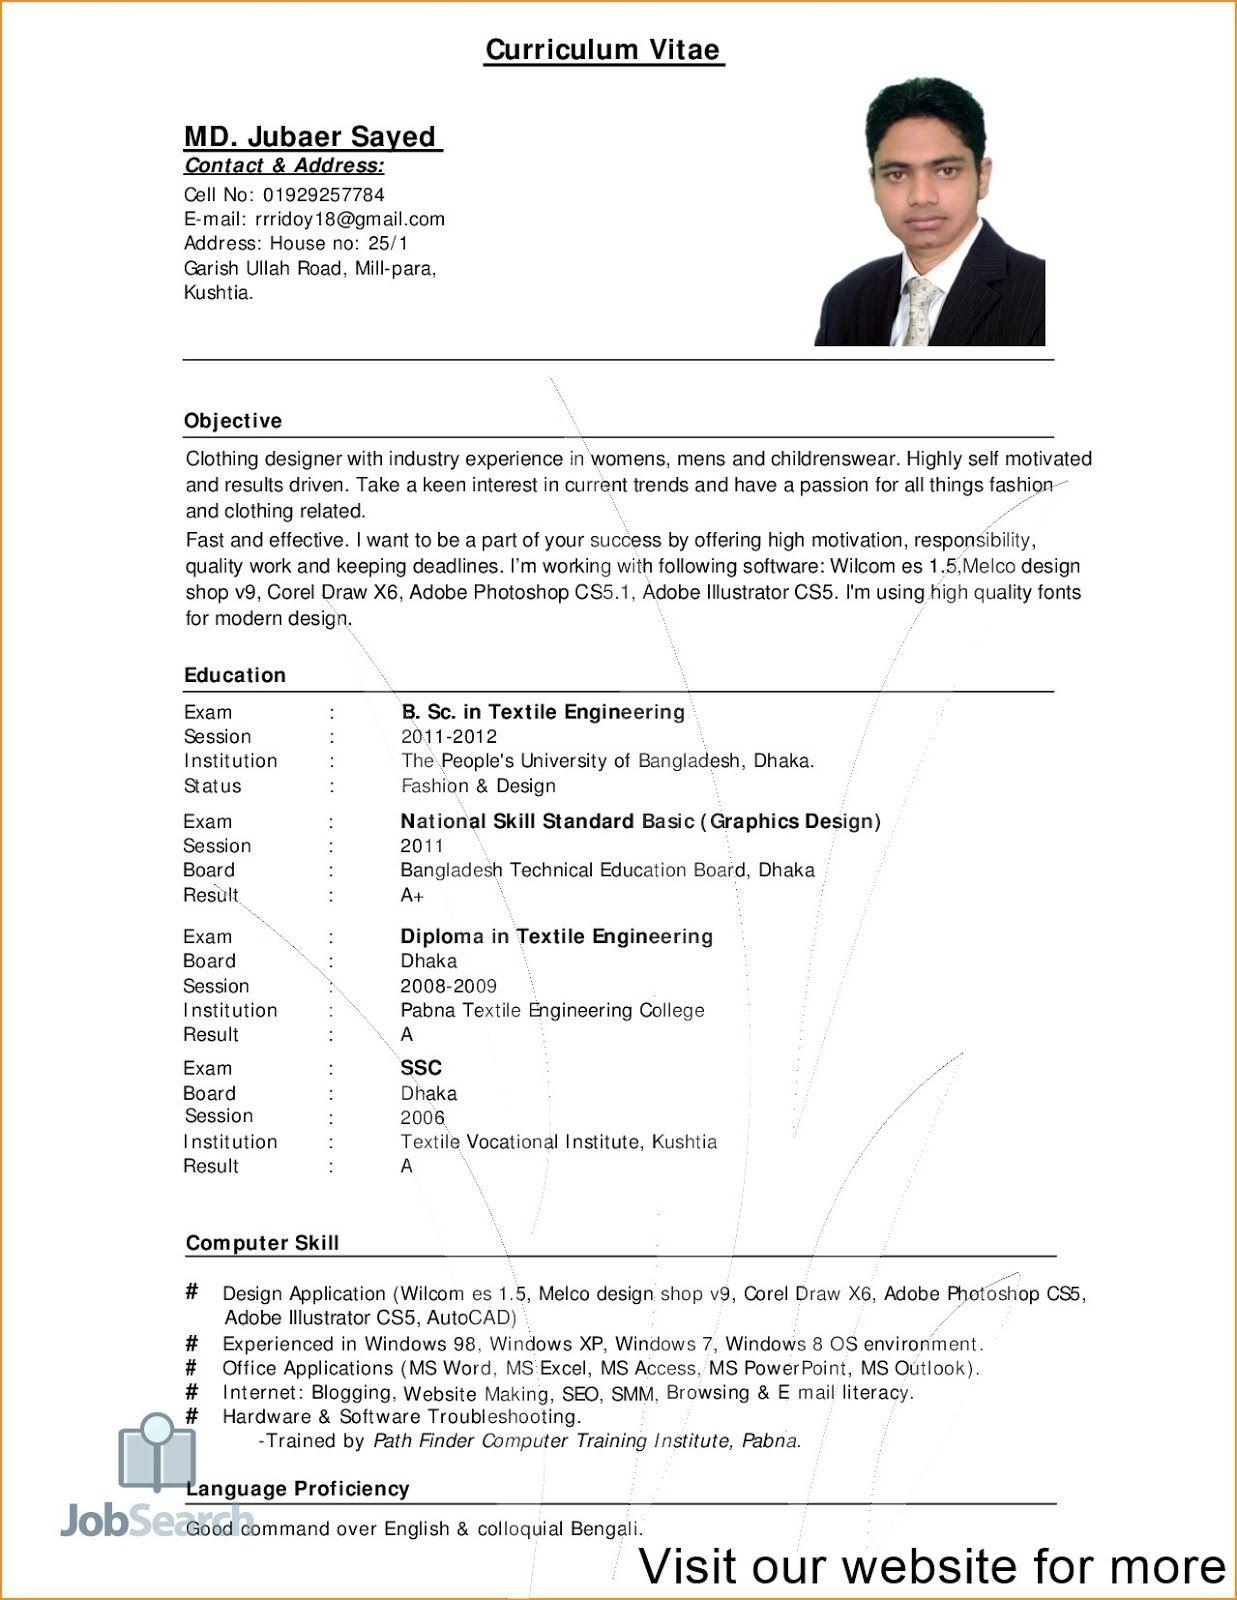 Resume Format for Freshers Job 2020 in 2020 Job resume